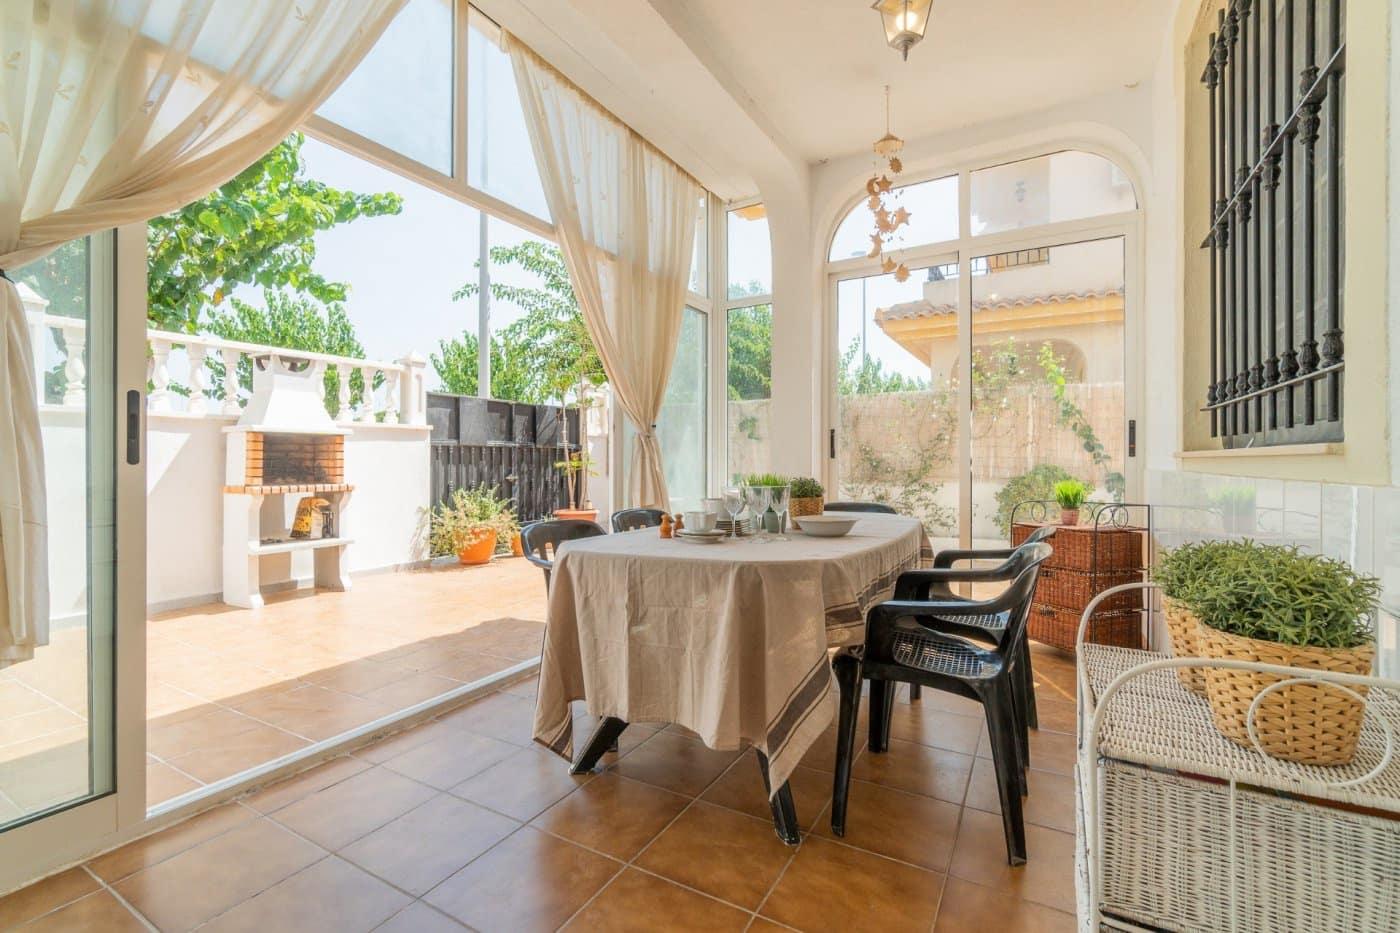 Apartamento de 3 habitaciones en Pilar de la Horadada en venta - 159.900 € (Ref: 4979386)